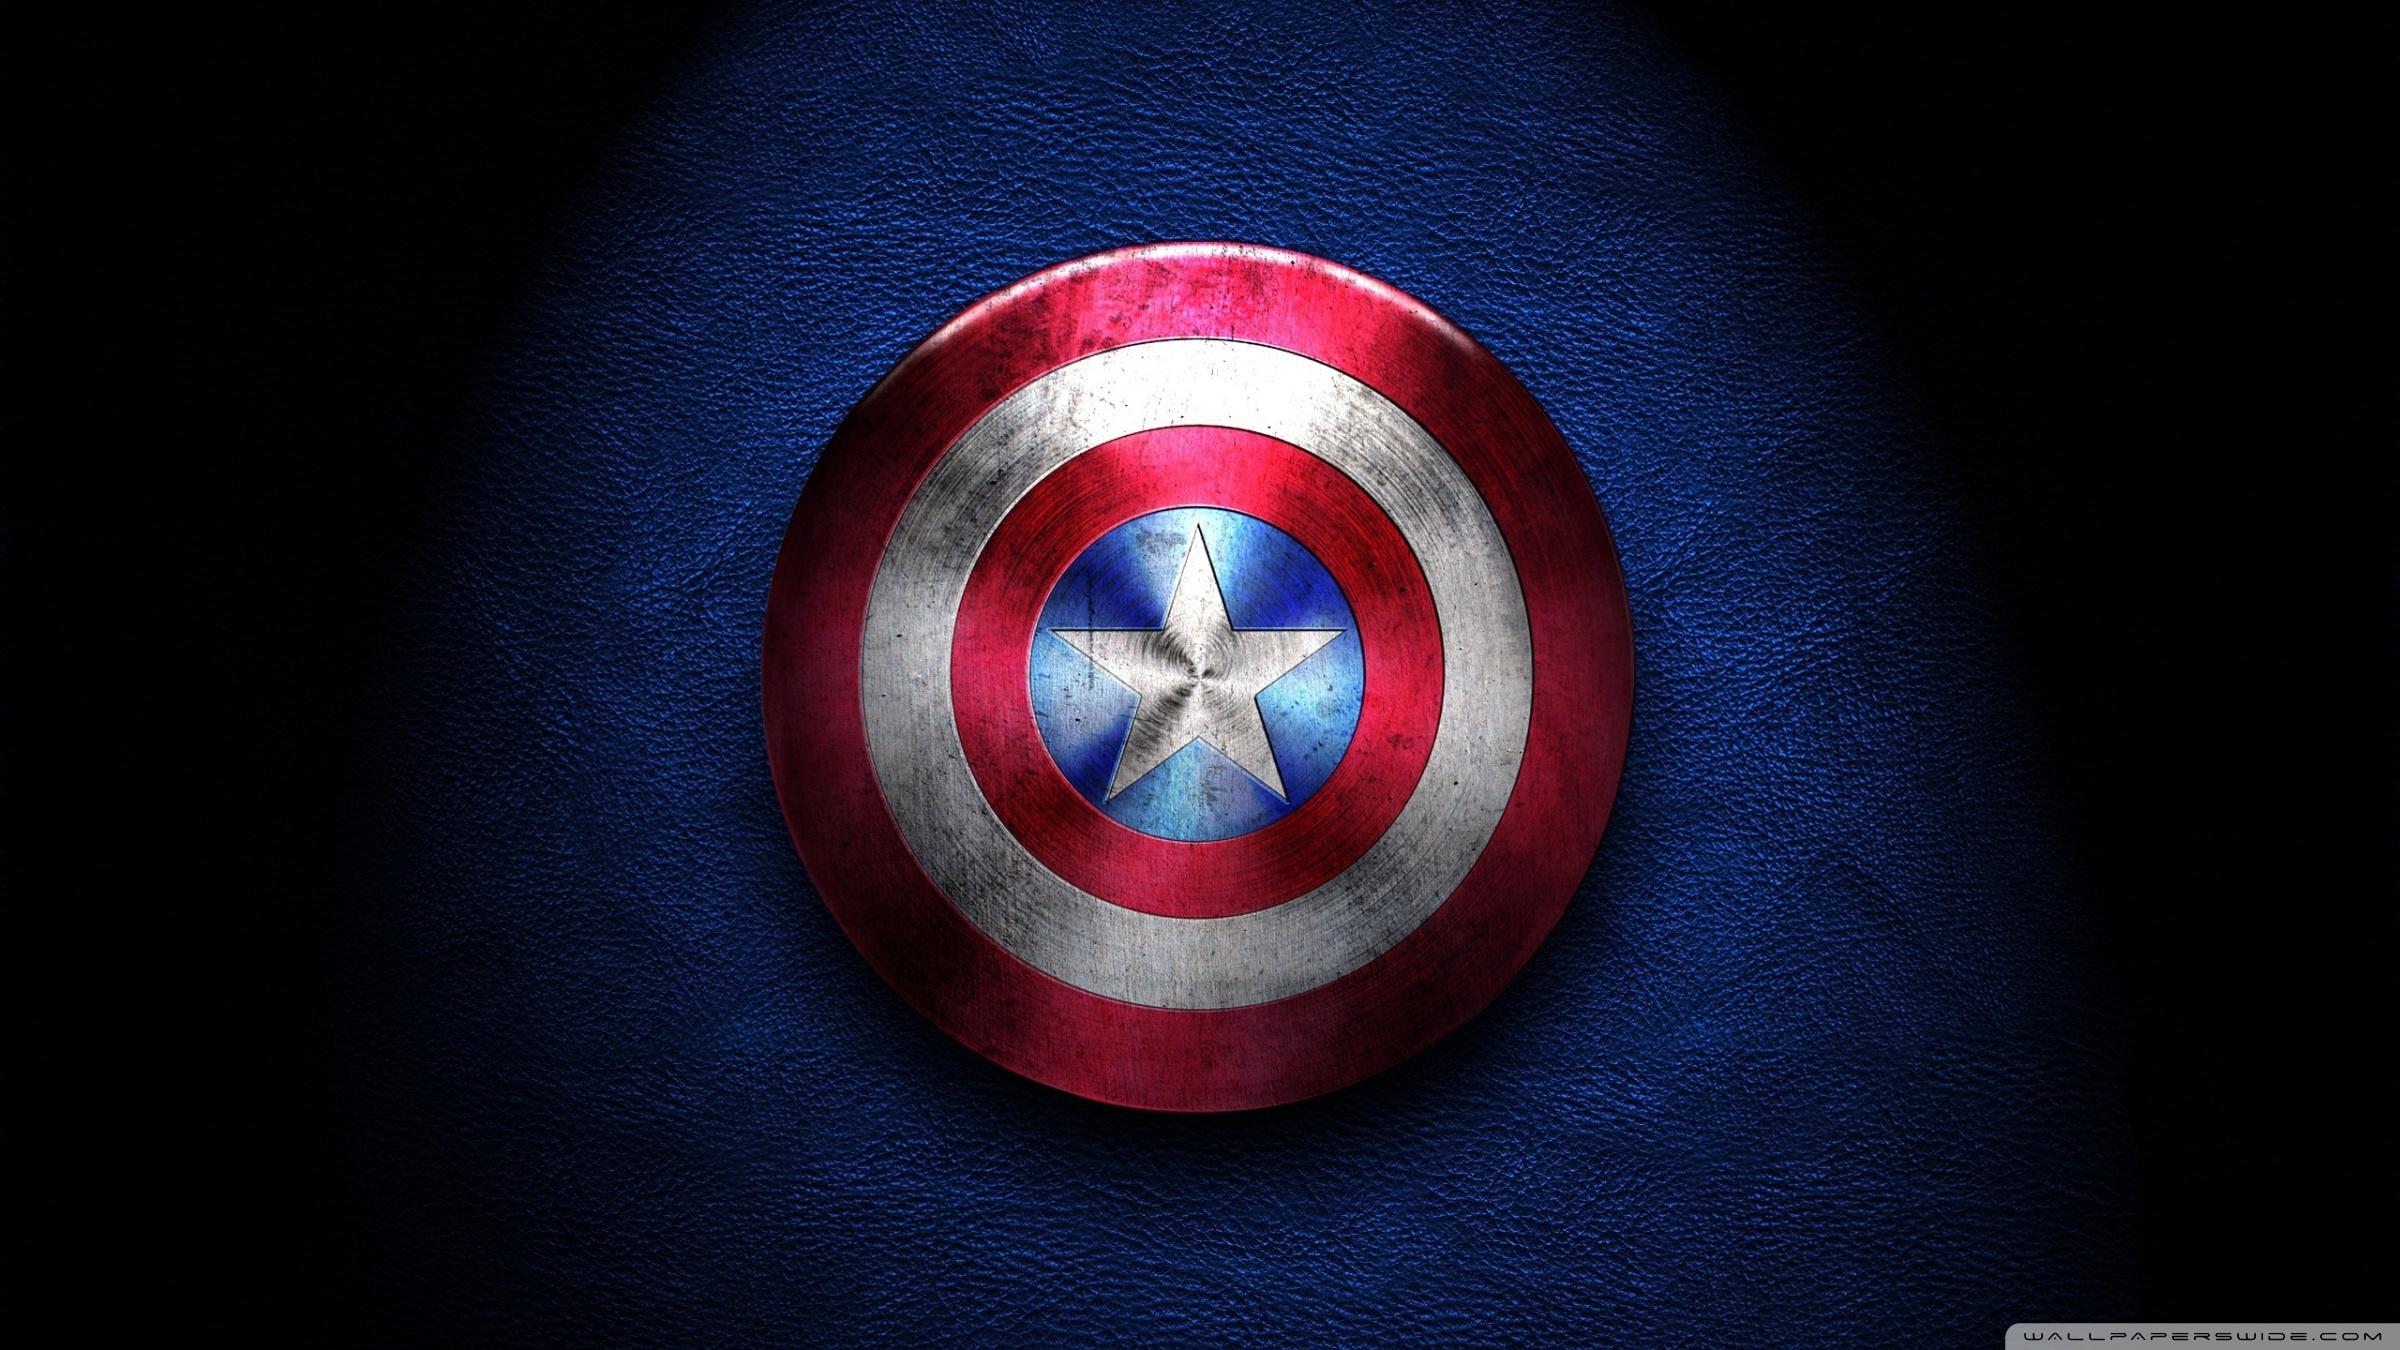 Captain America Shield 4K HD Desktop Wallpaper for 4K Ultra HD 2400x1350